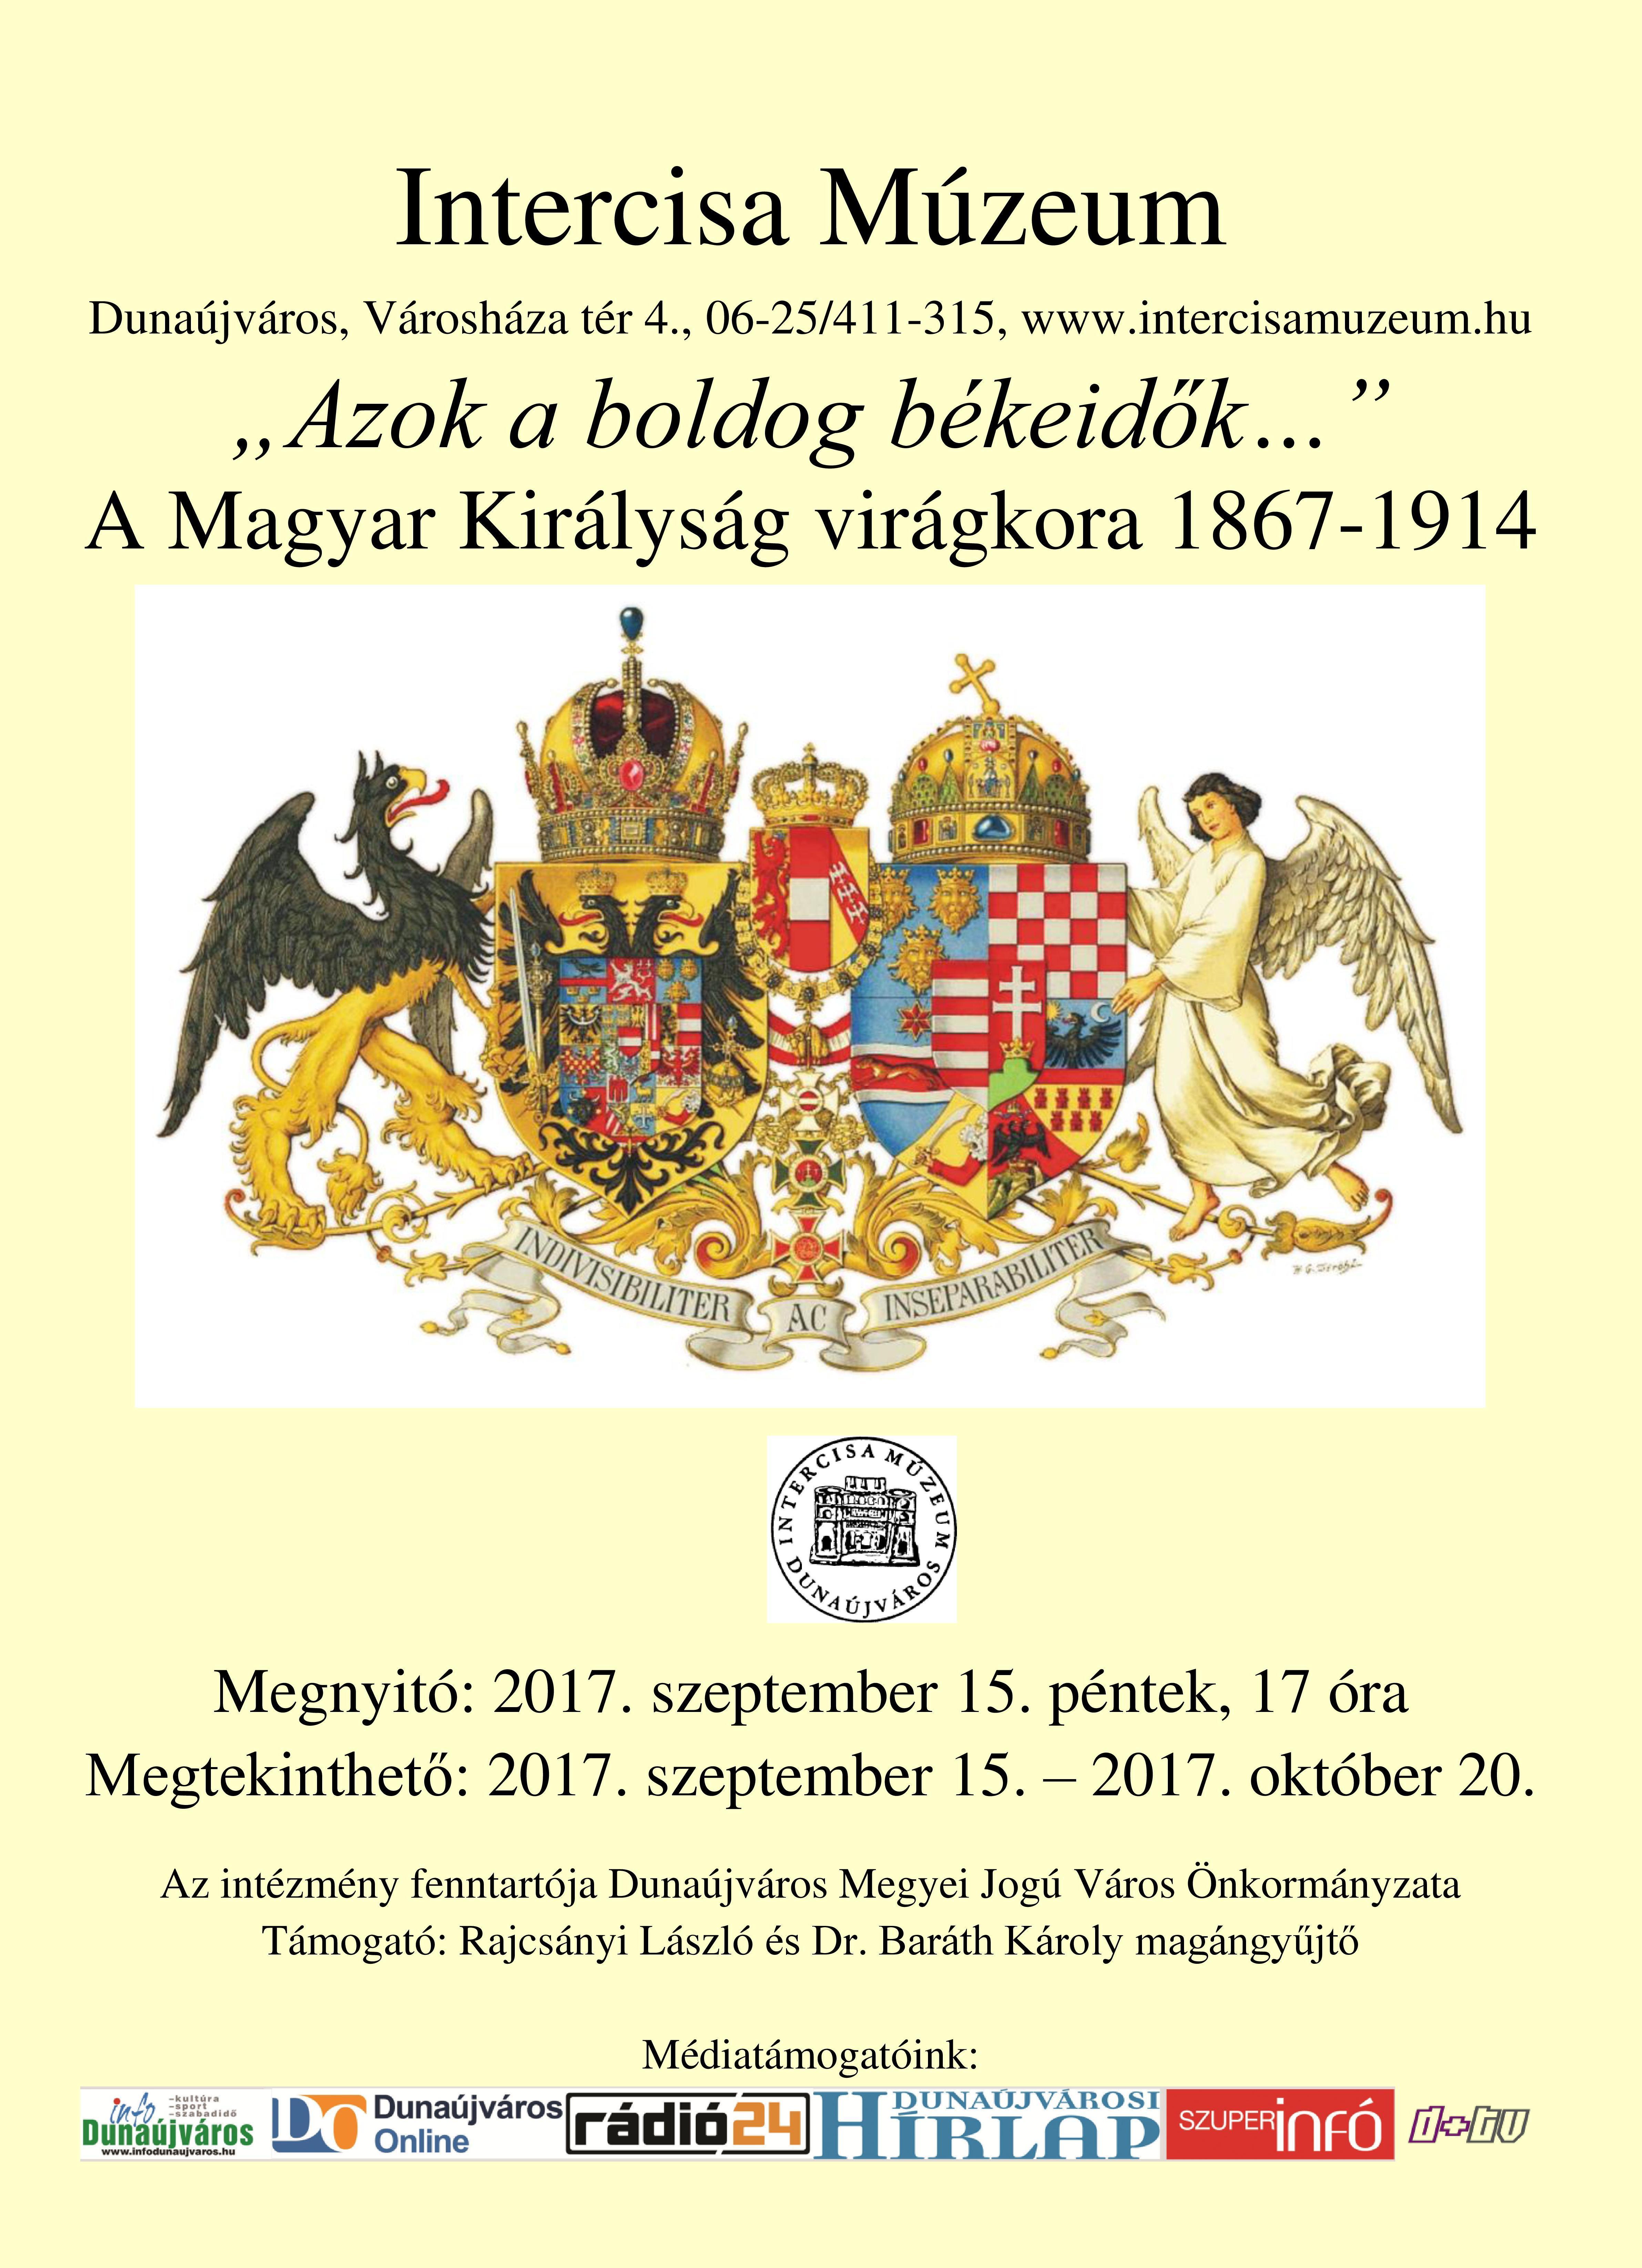 A Magyar Királyság virágkora 1867-1914